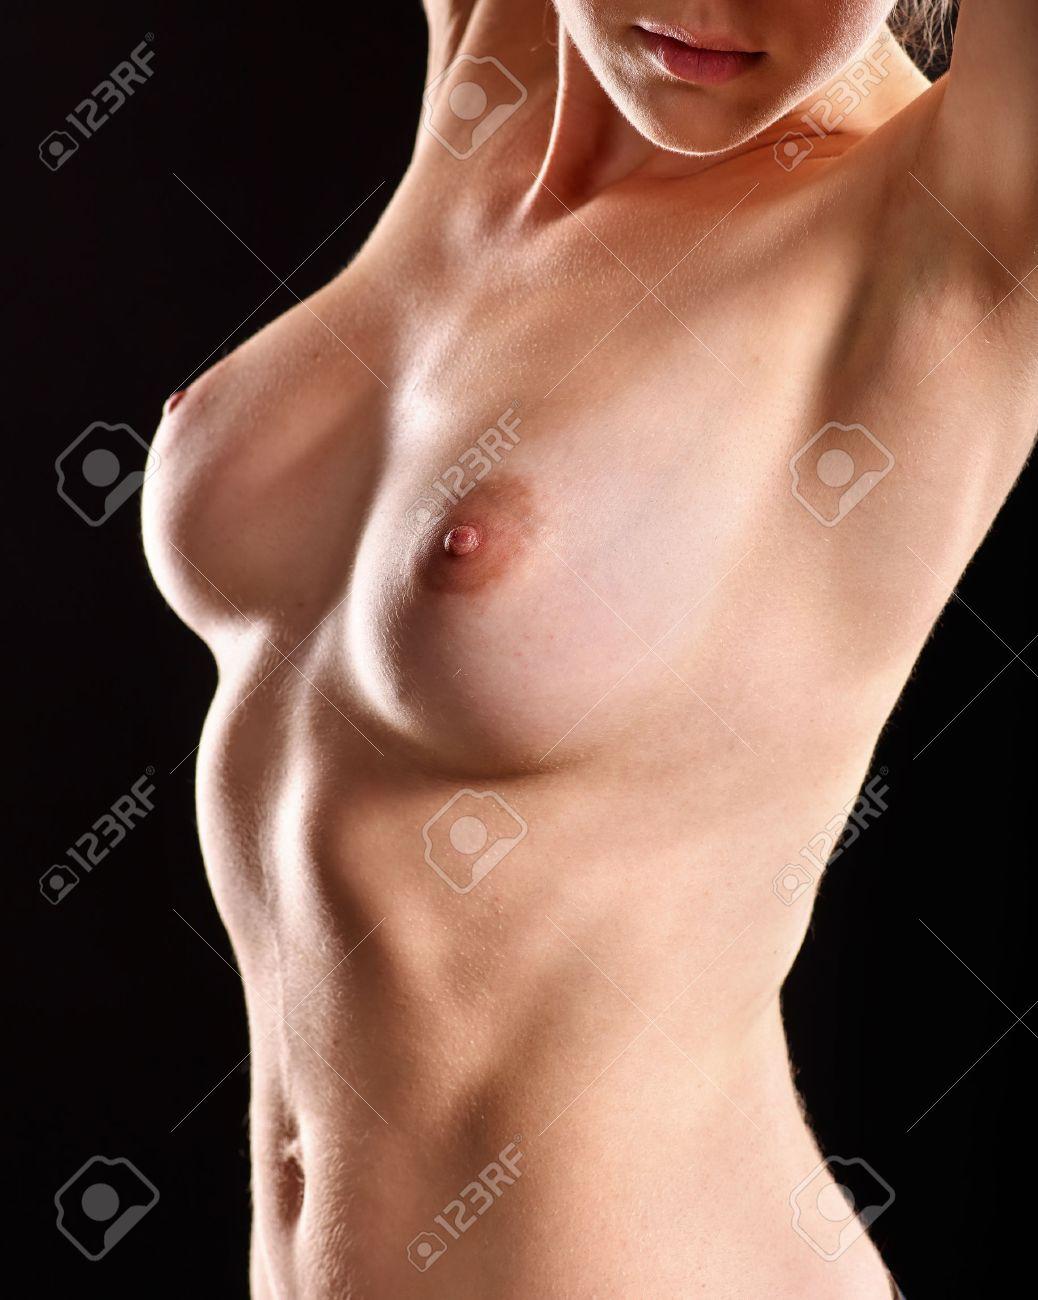 chaud blond lesbienne sexe vidéos